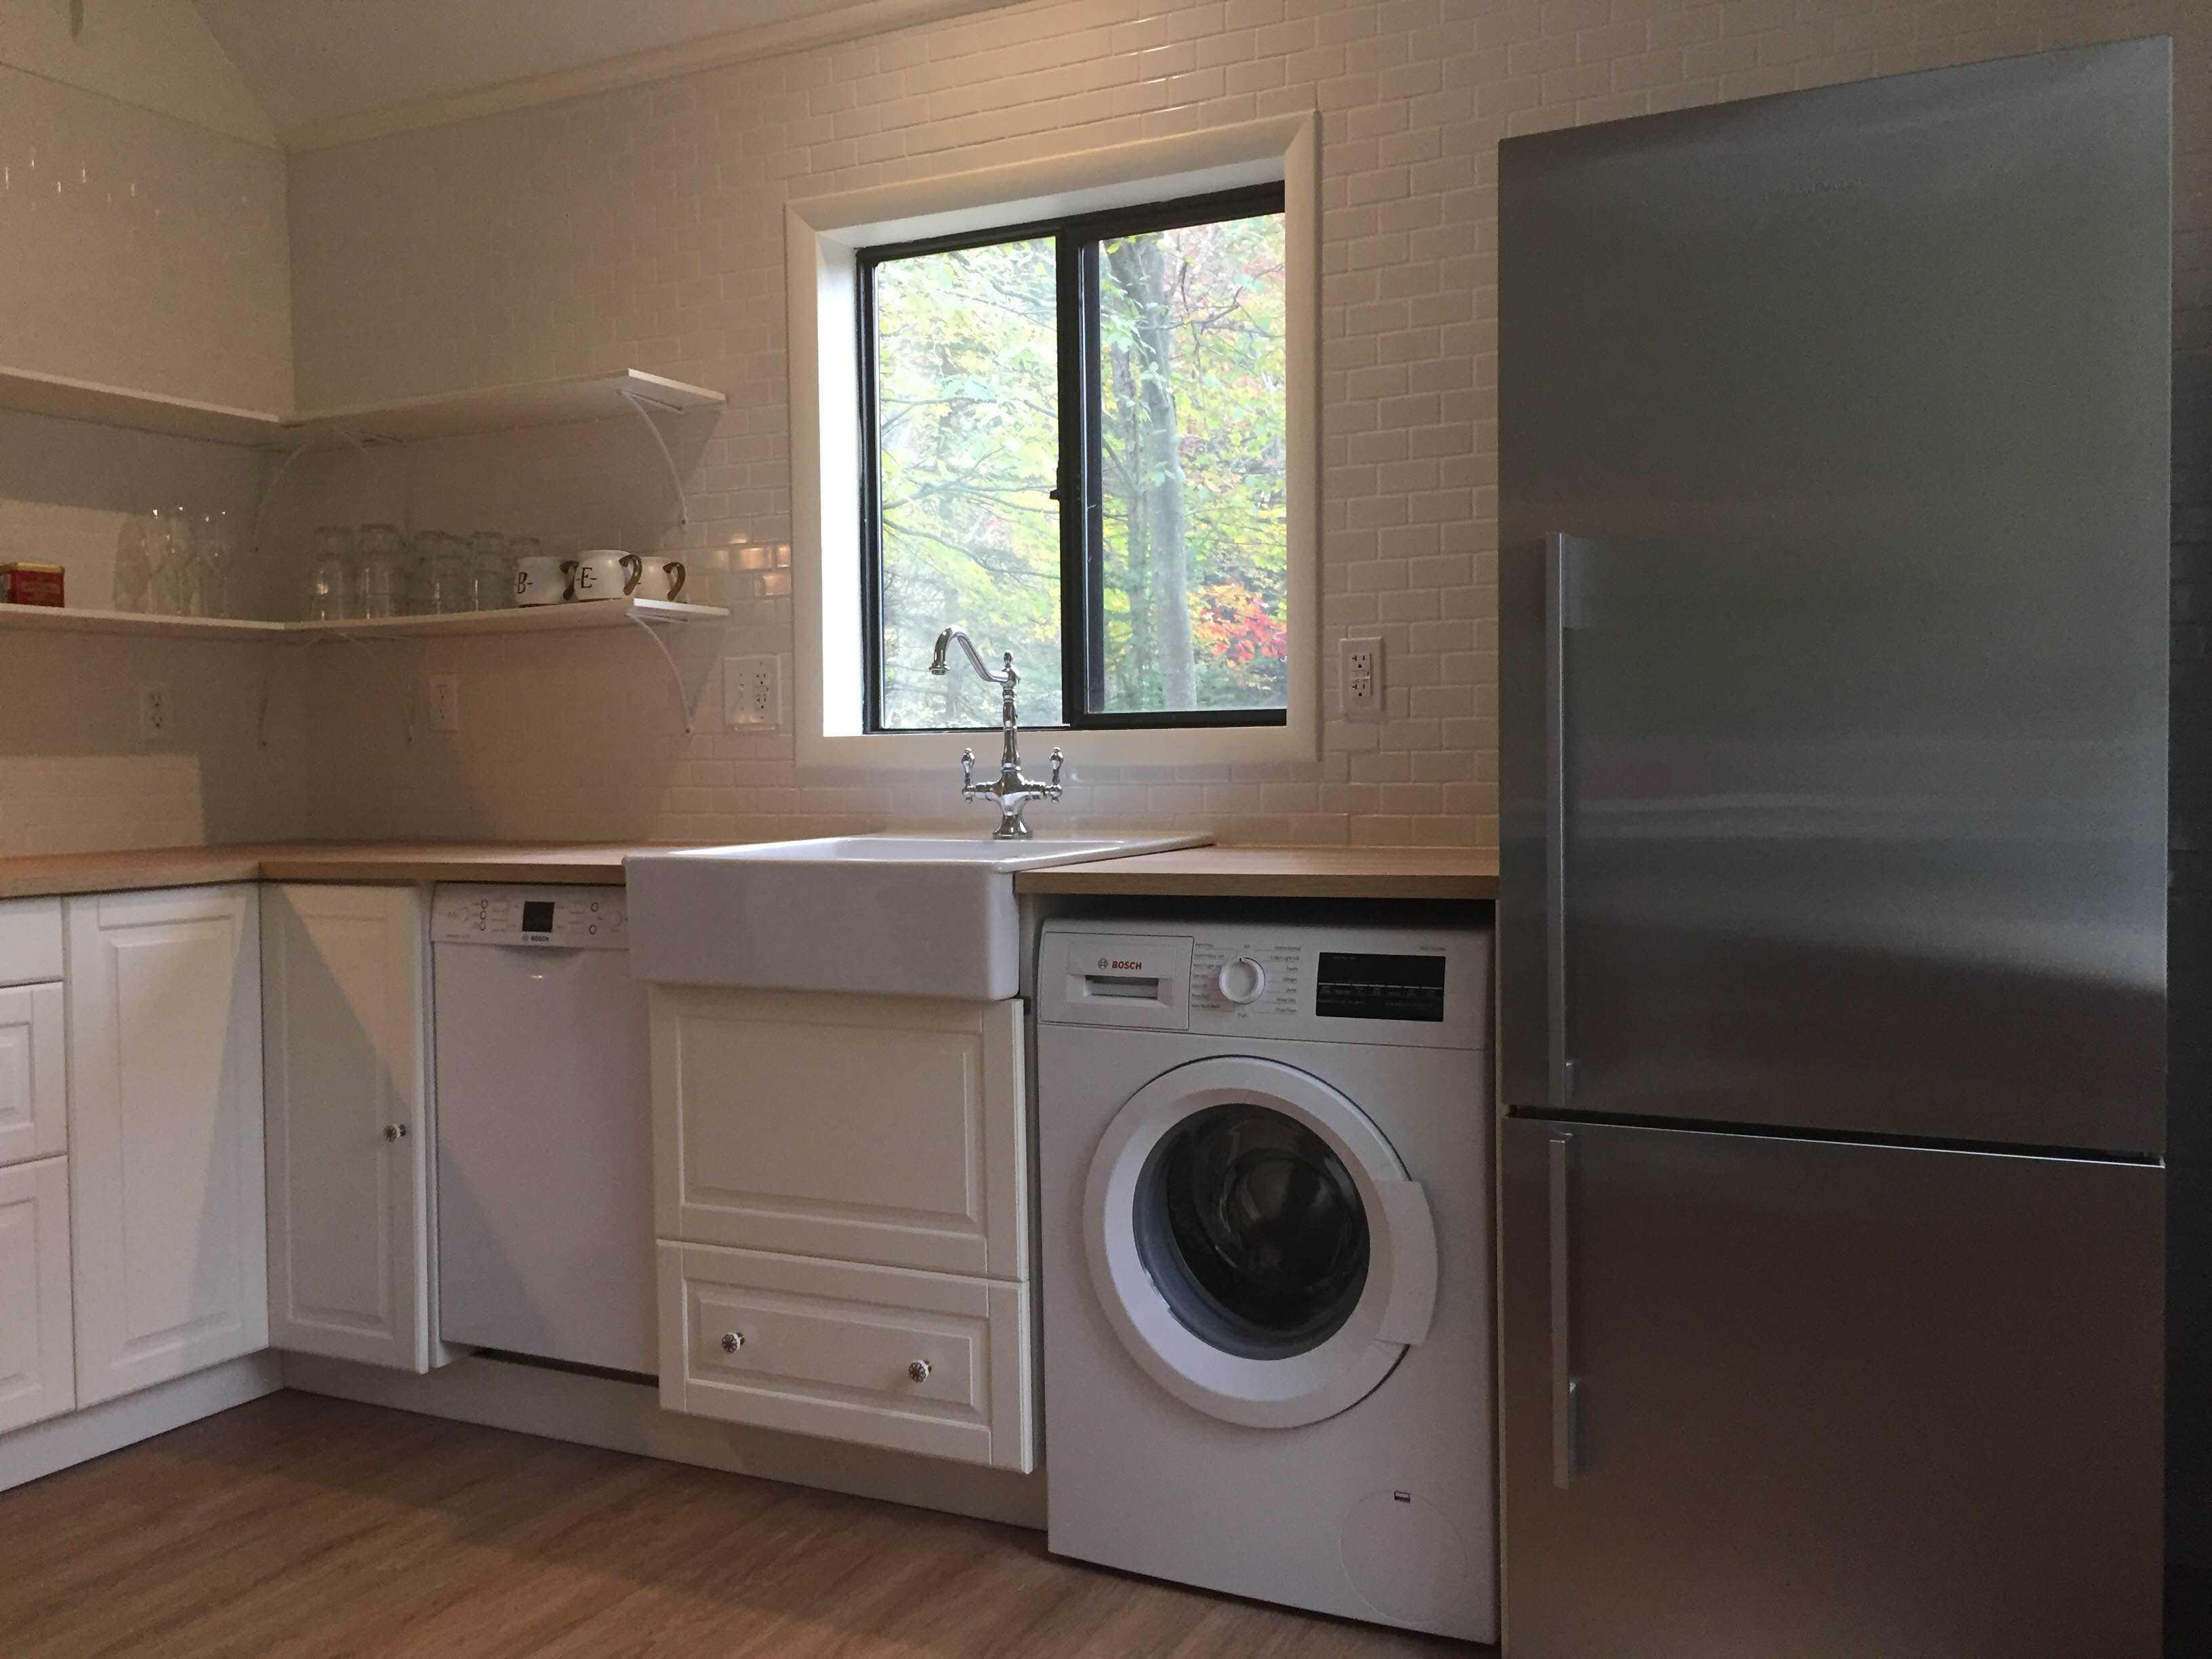 кухня со встроенной стиральной машиной фото экспозиция